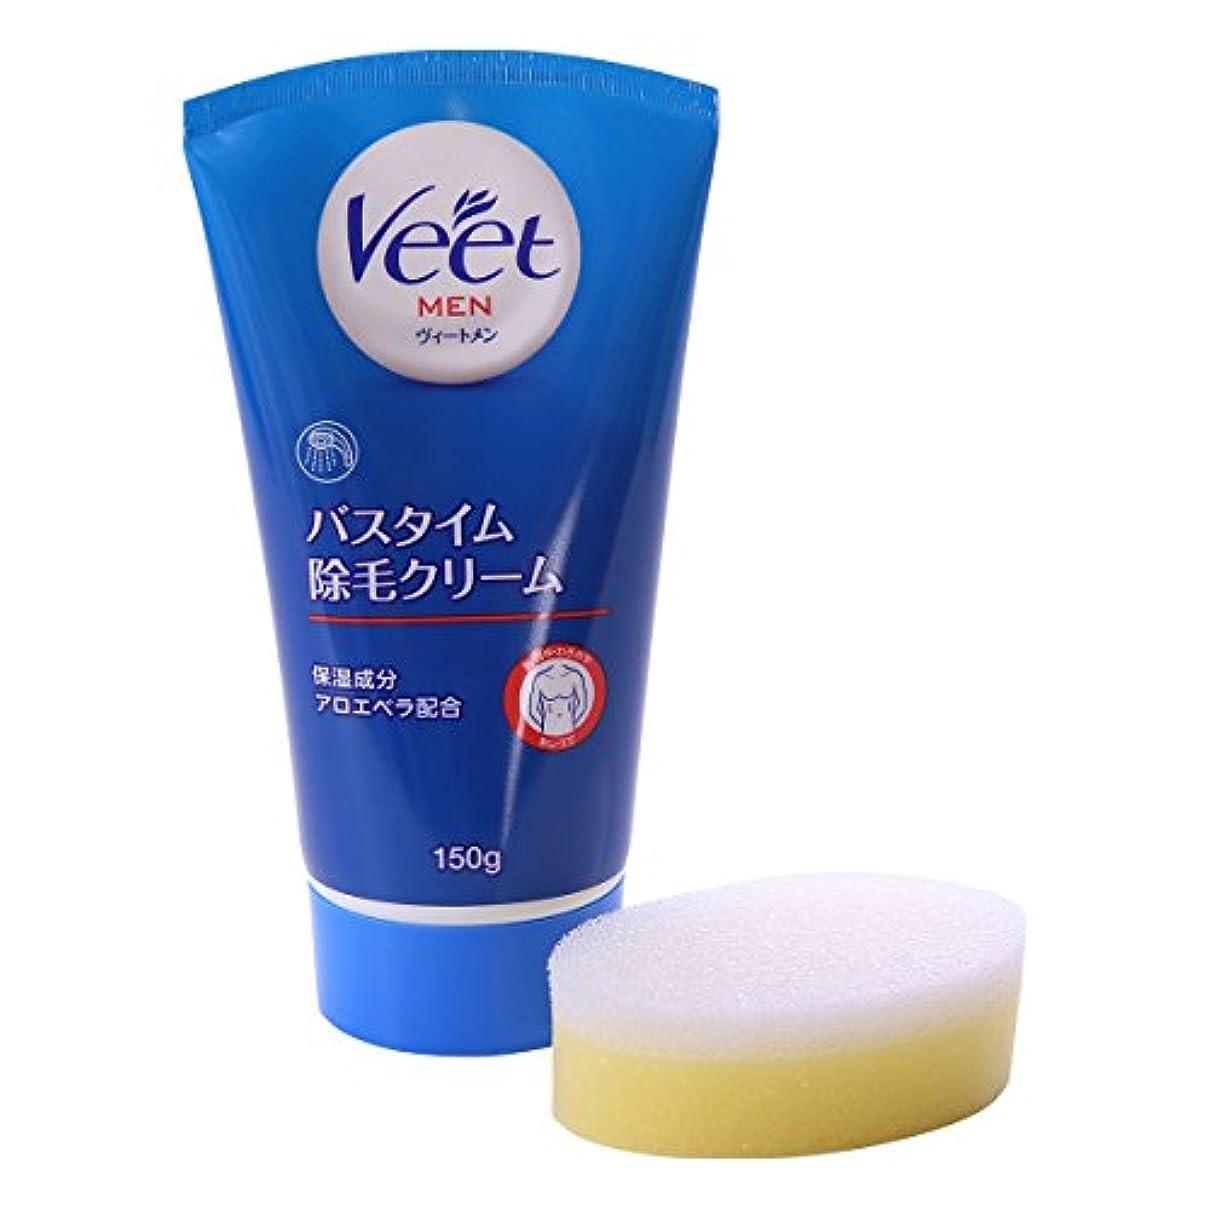 ファックスジョージハンブリー知覚できる(ヴィート)Veet メンズ バスタイム 除毛クリーム あし うで 胸 背中 わきの下